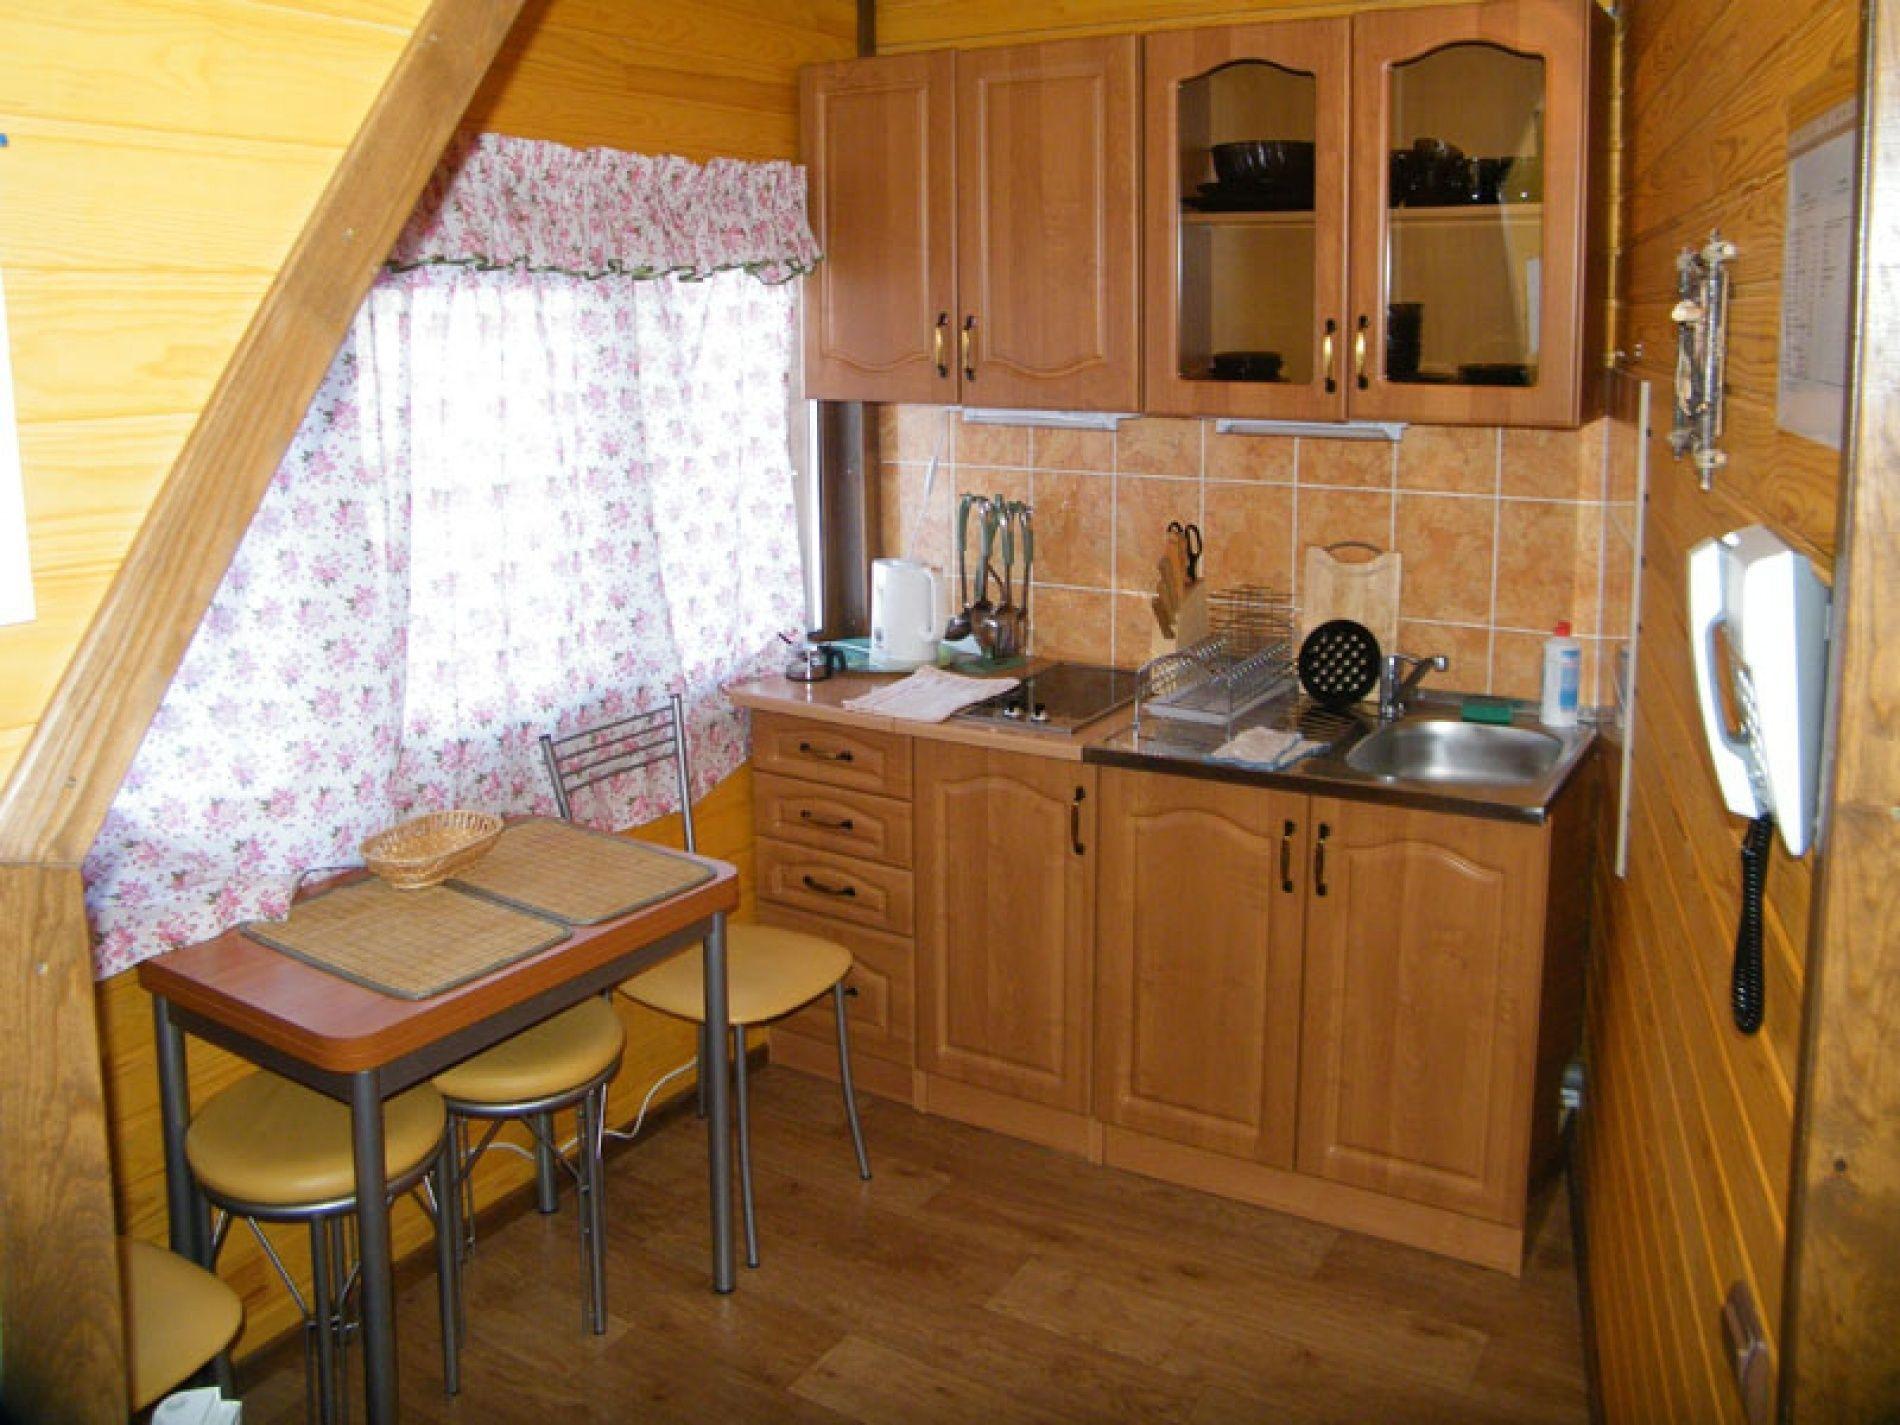 Гостиница «Мельница» Иркутская область Апартаменты 2-комнатные, фото 3